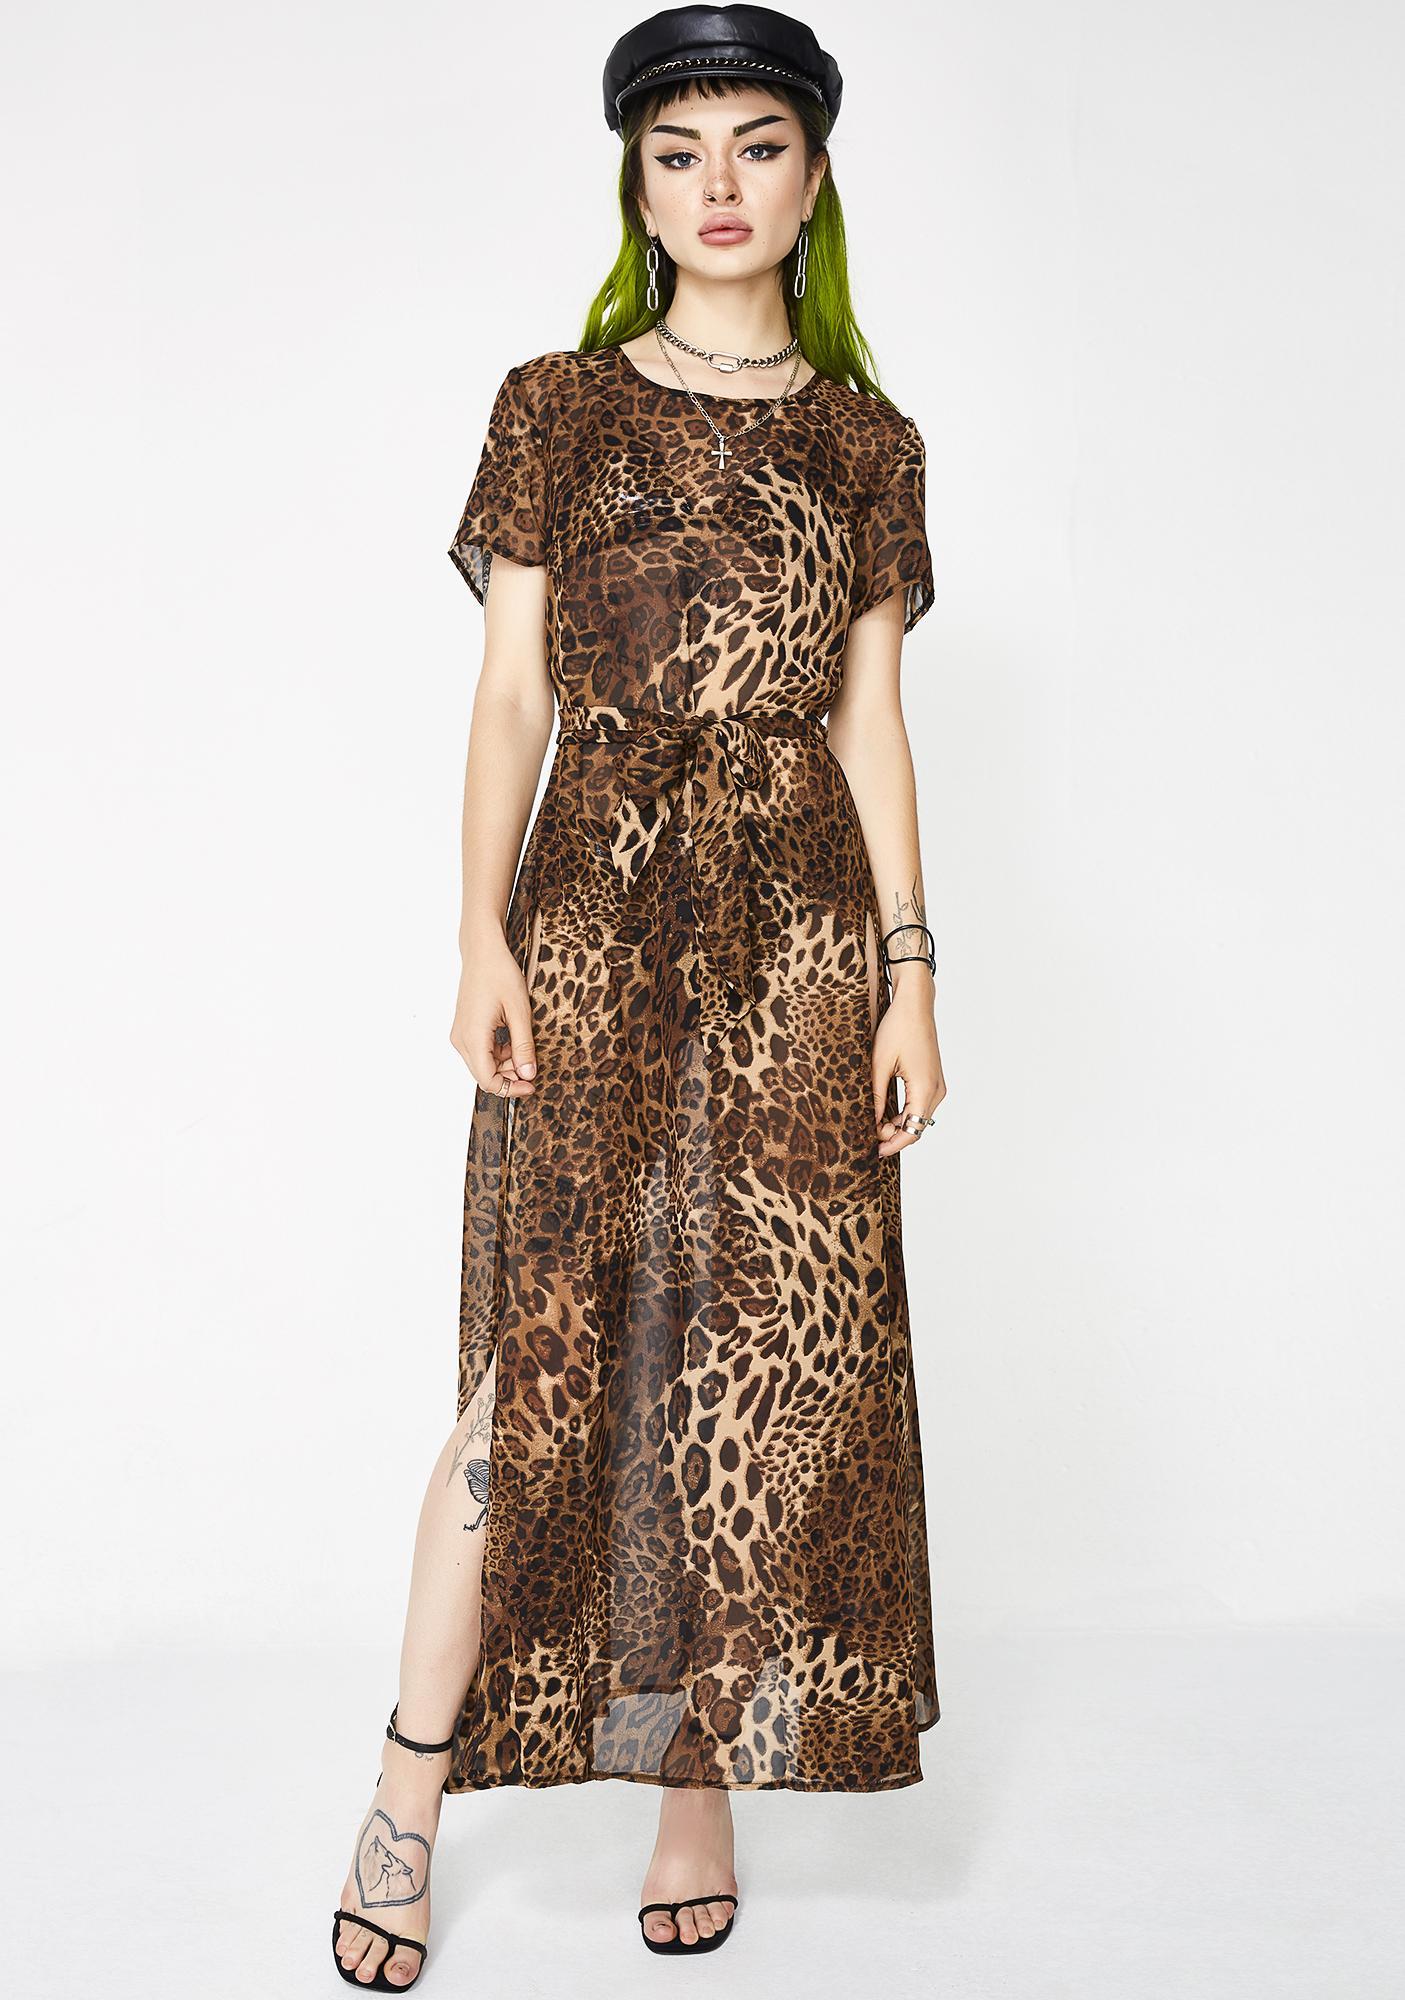 Queendom Sheer Leopard Dress